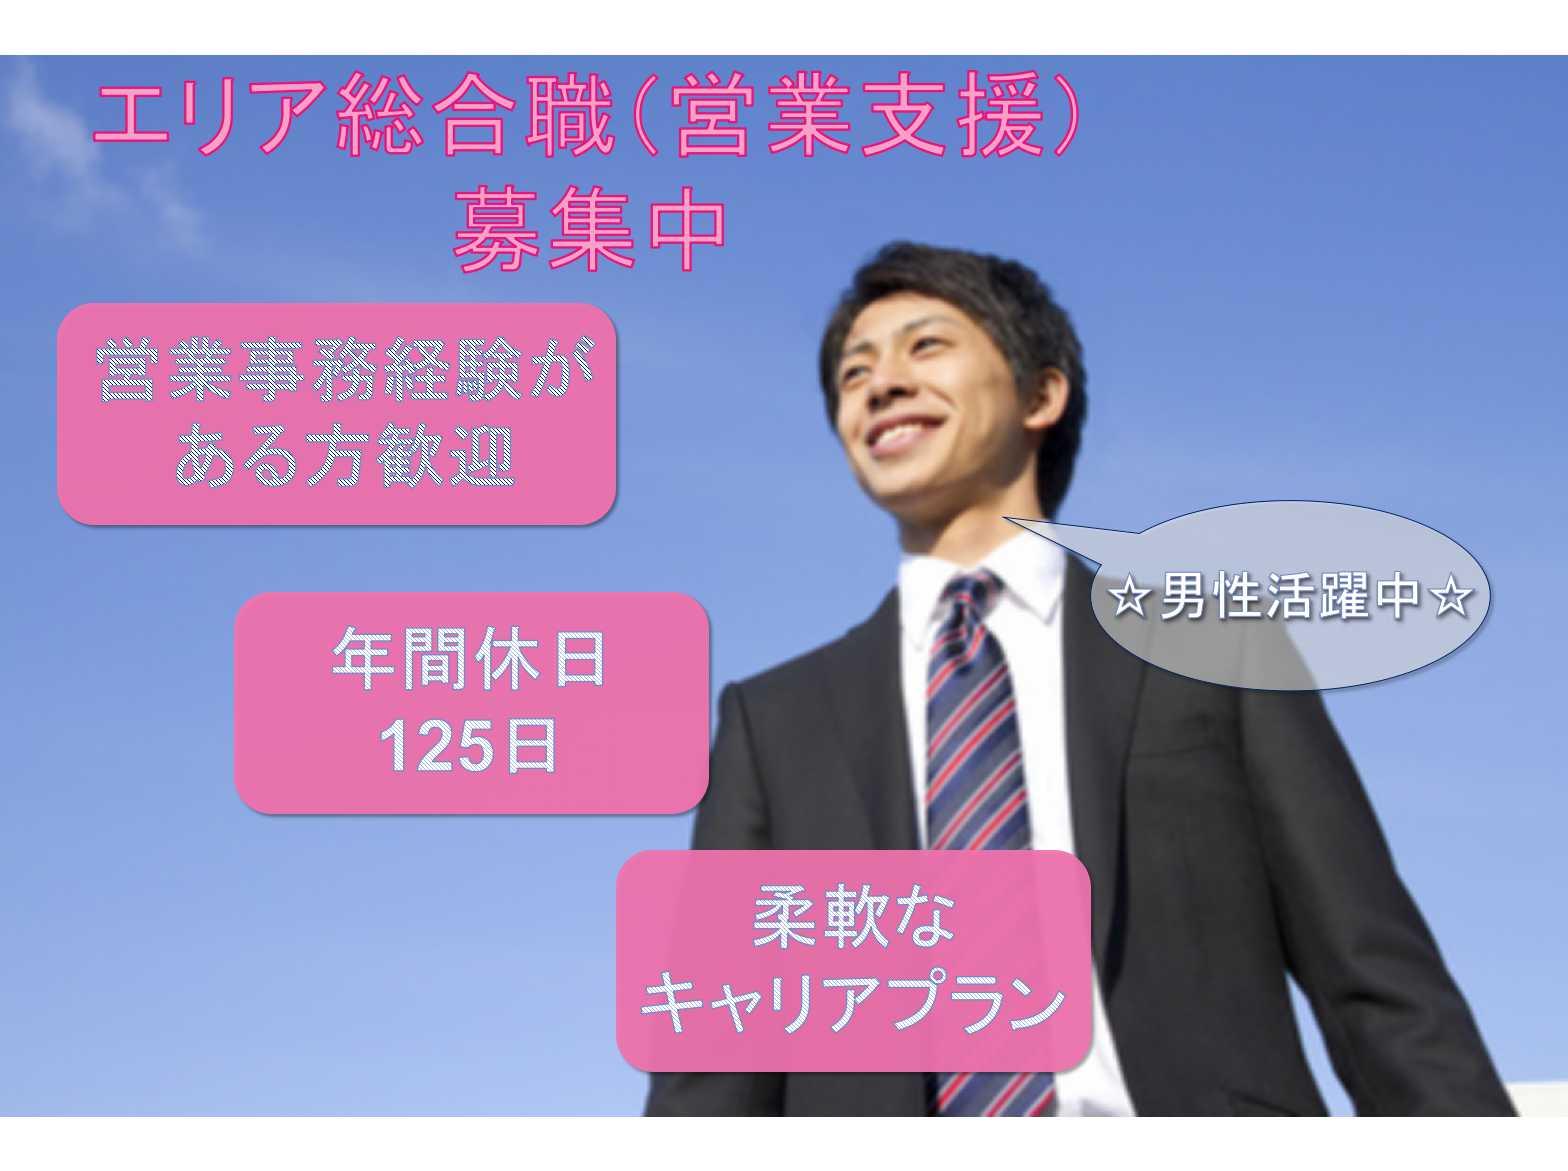 【名古屋市全域】✤営業事務経験がある方歓迎✤年間休日125日✤エリア総合職✤正社員募集中✤ イメージ